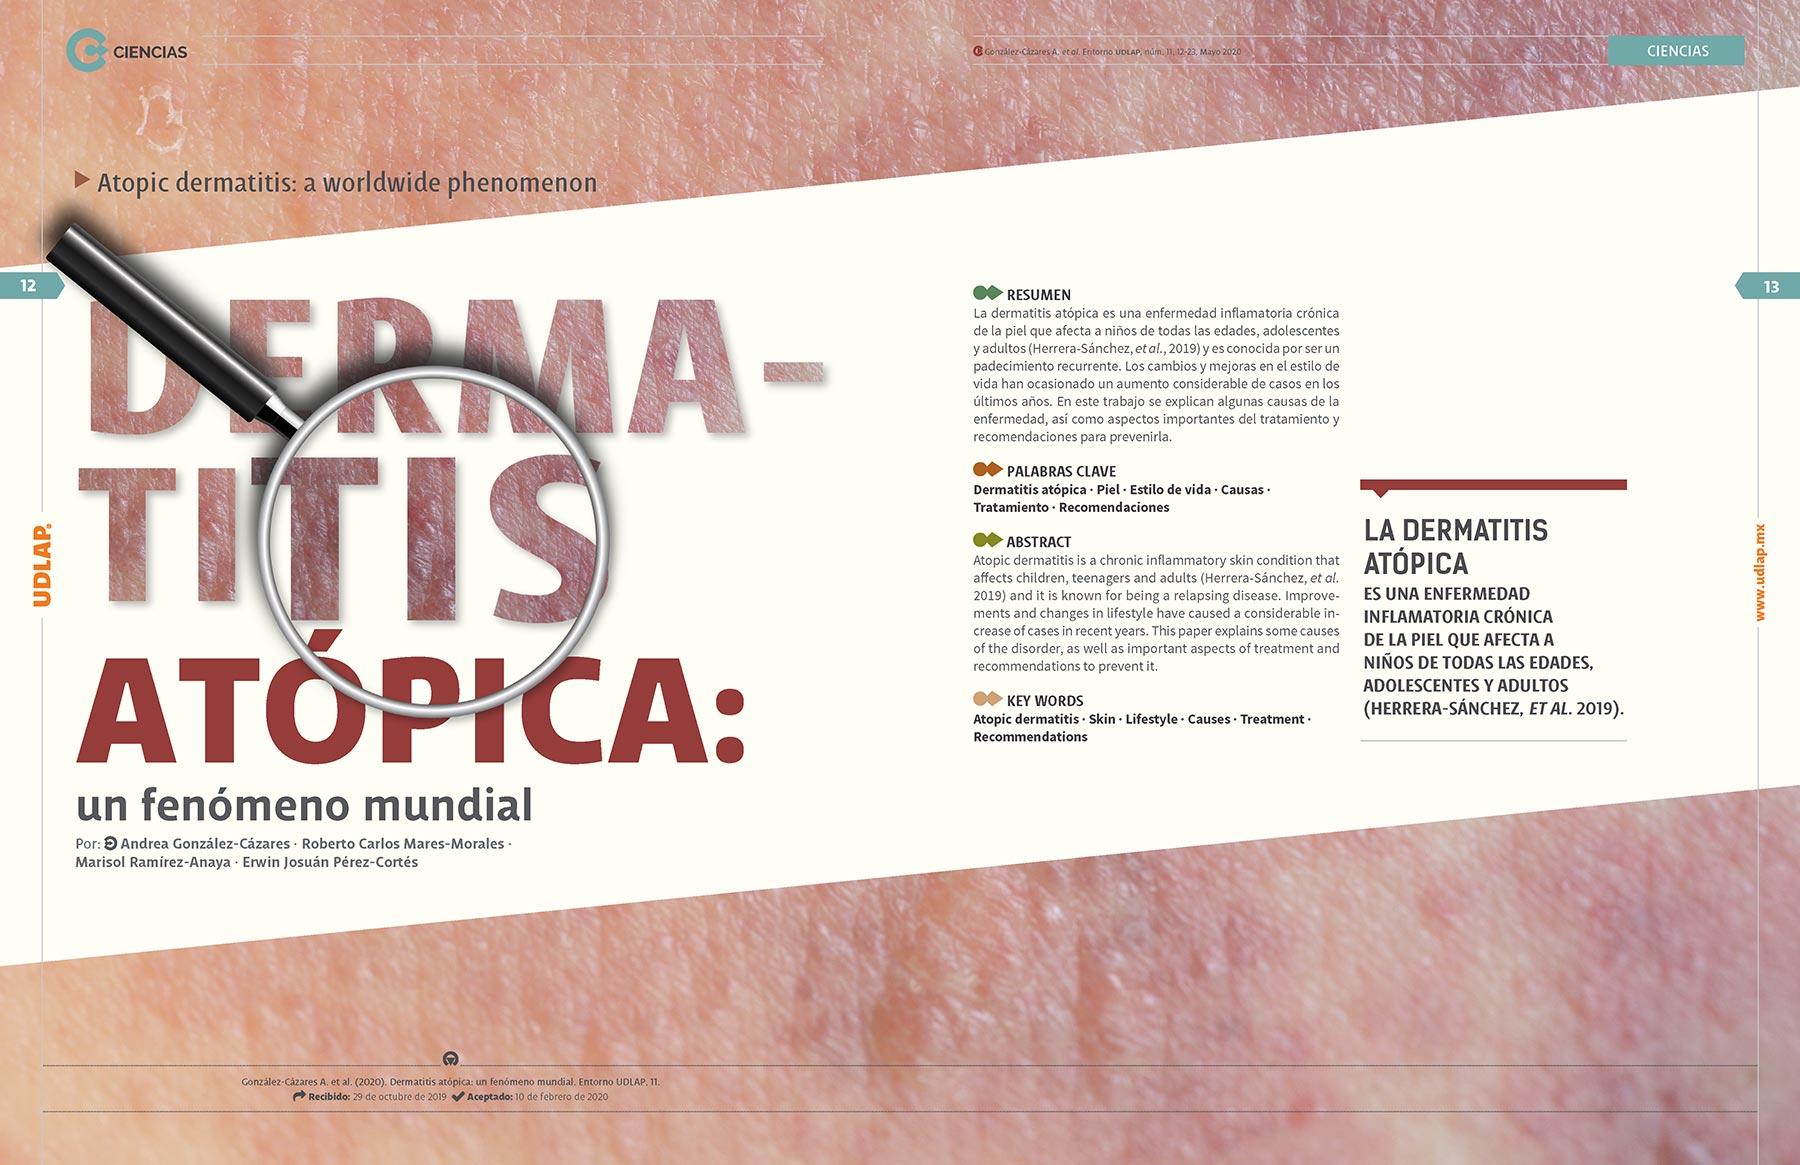 la-dermatitis-atopica-UDLAP